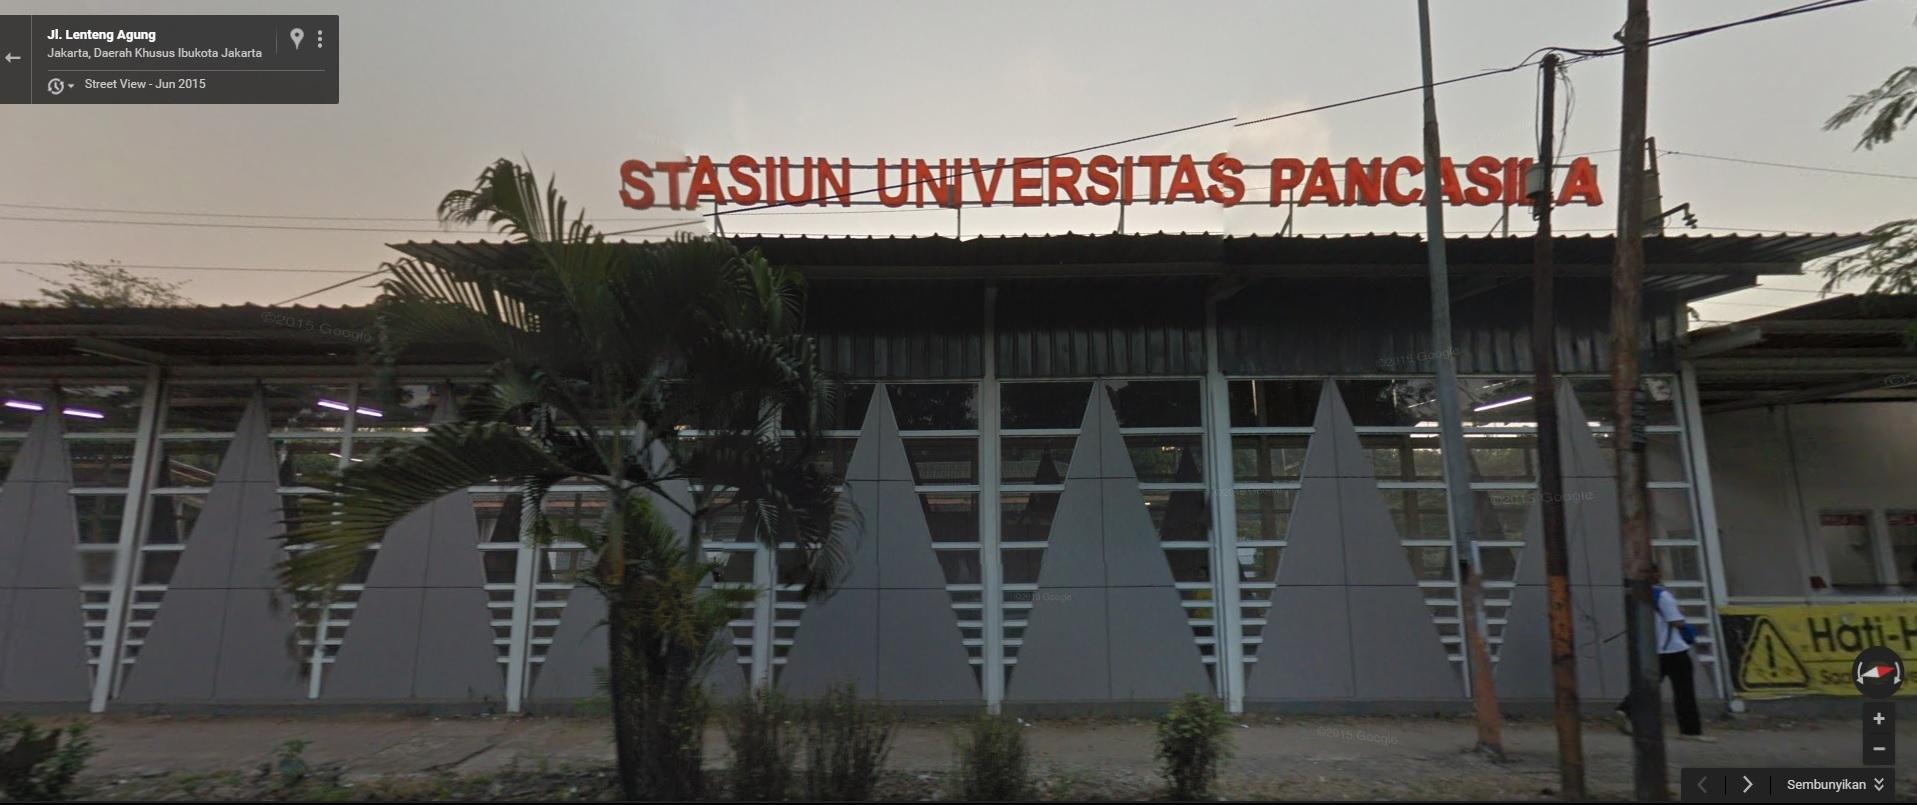 Jadwal KRL Stasiun Universitas Pancasila